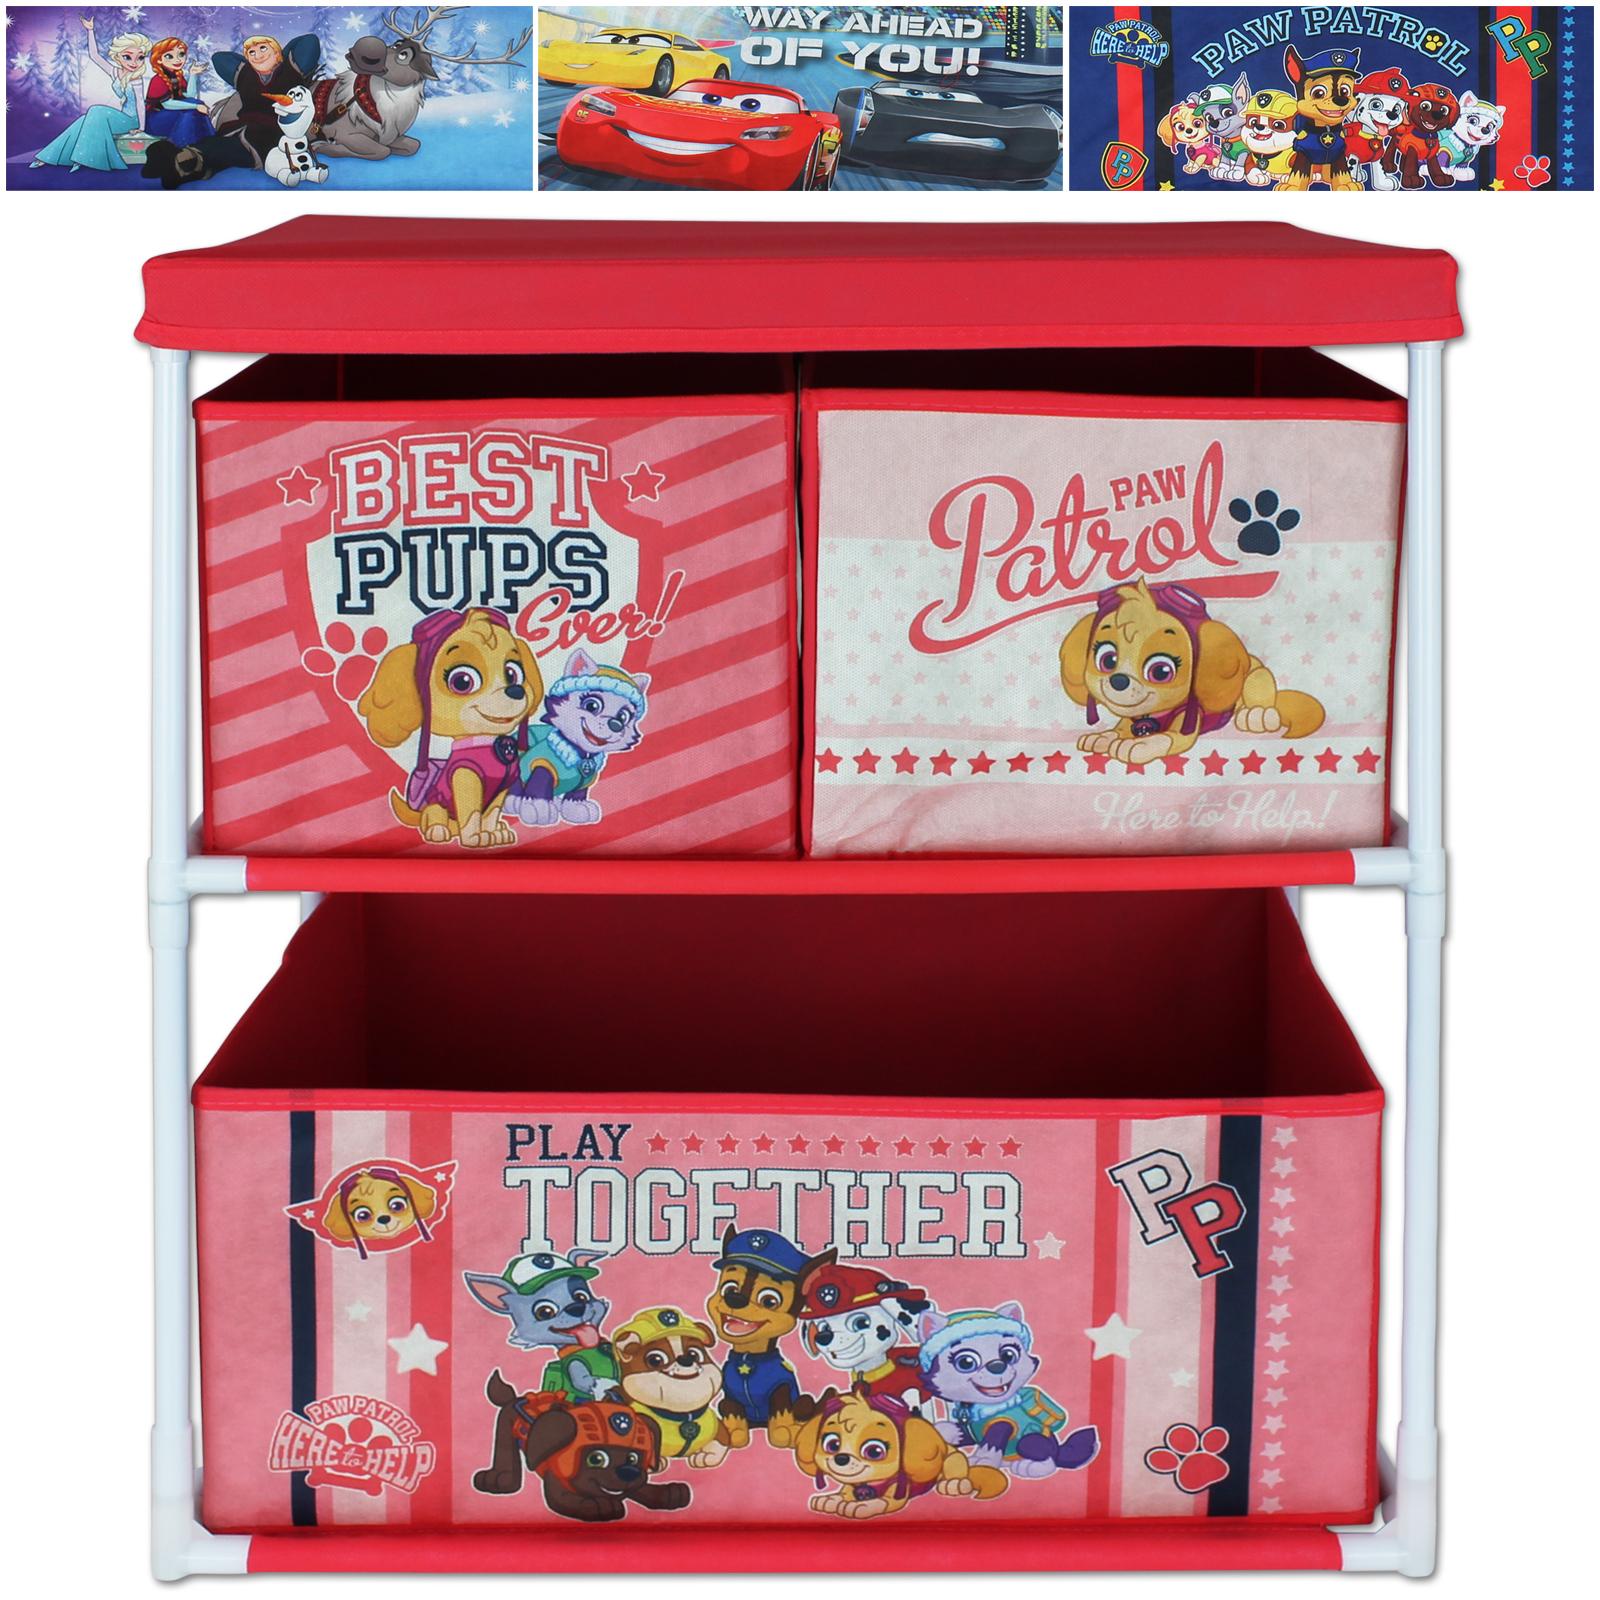 aufbewahrungsschrank boxen regal kinder m bel aufbewahrung spielzeug kinderm bel ebay. Black Bedroom Furniture Sets. Home Design Ideas